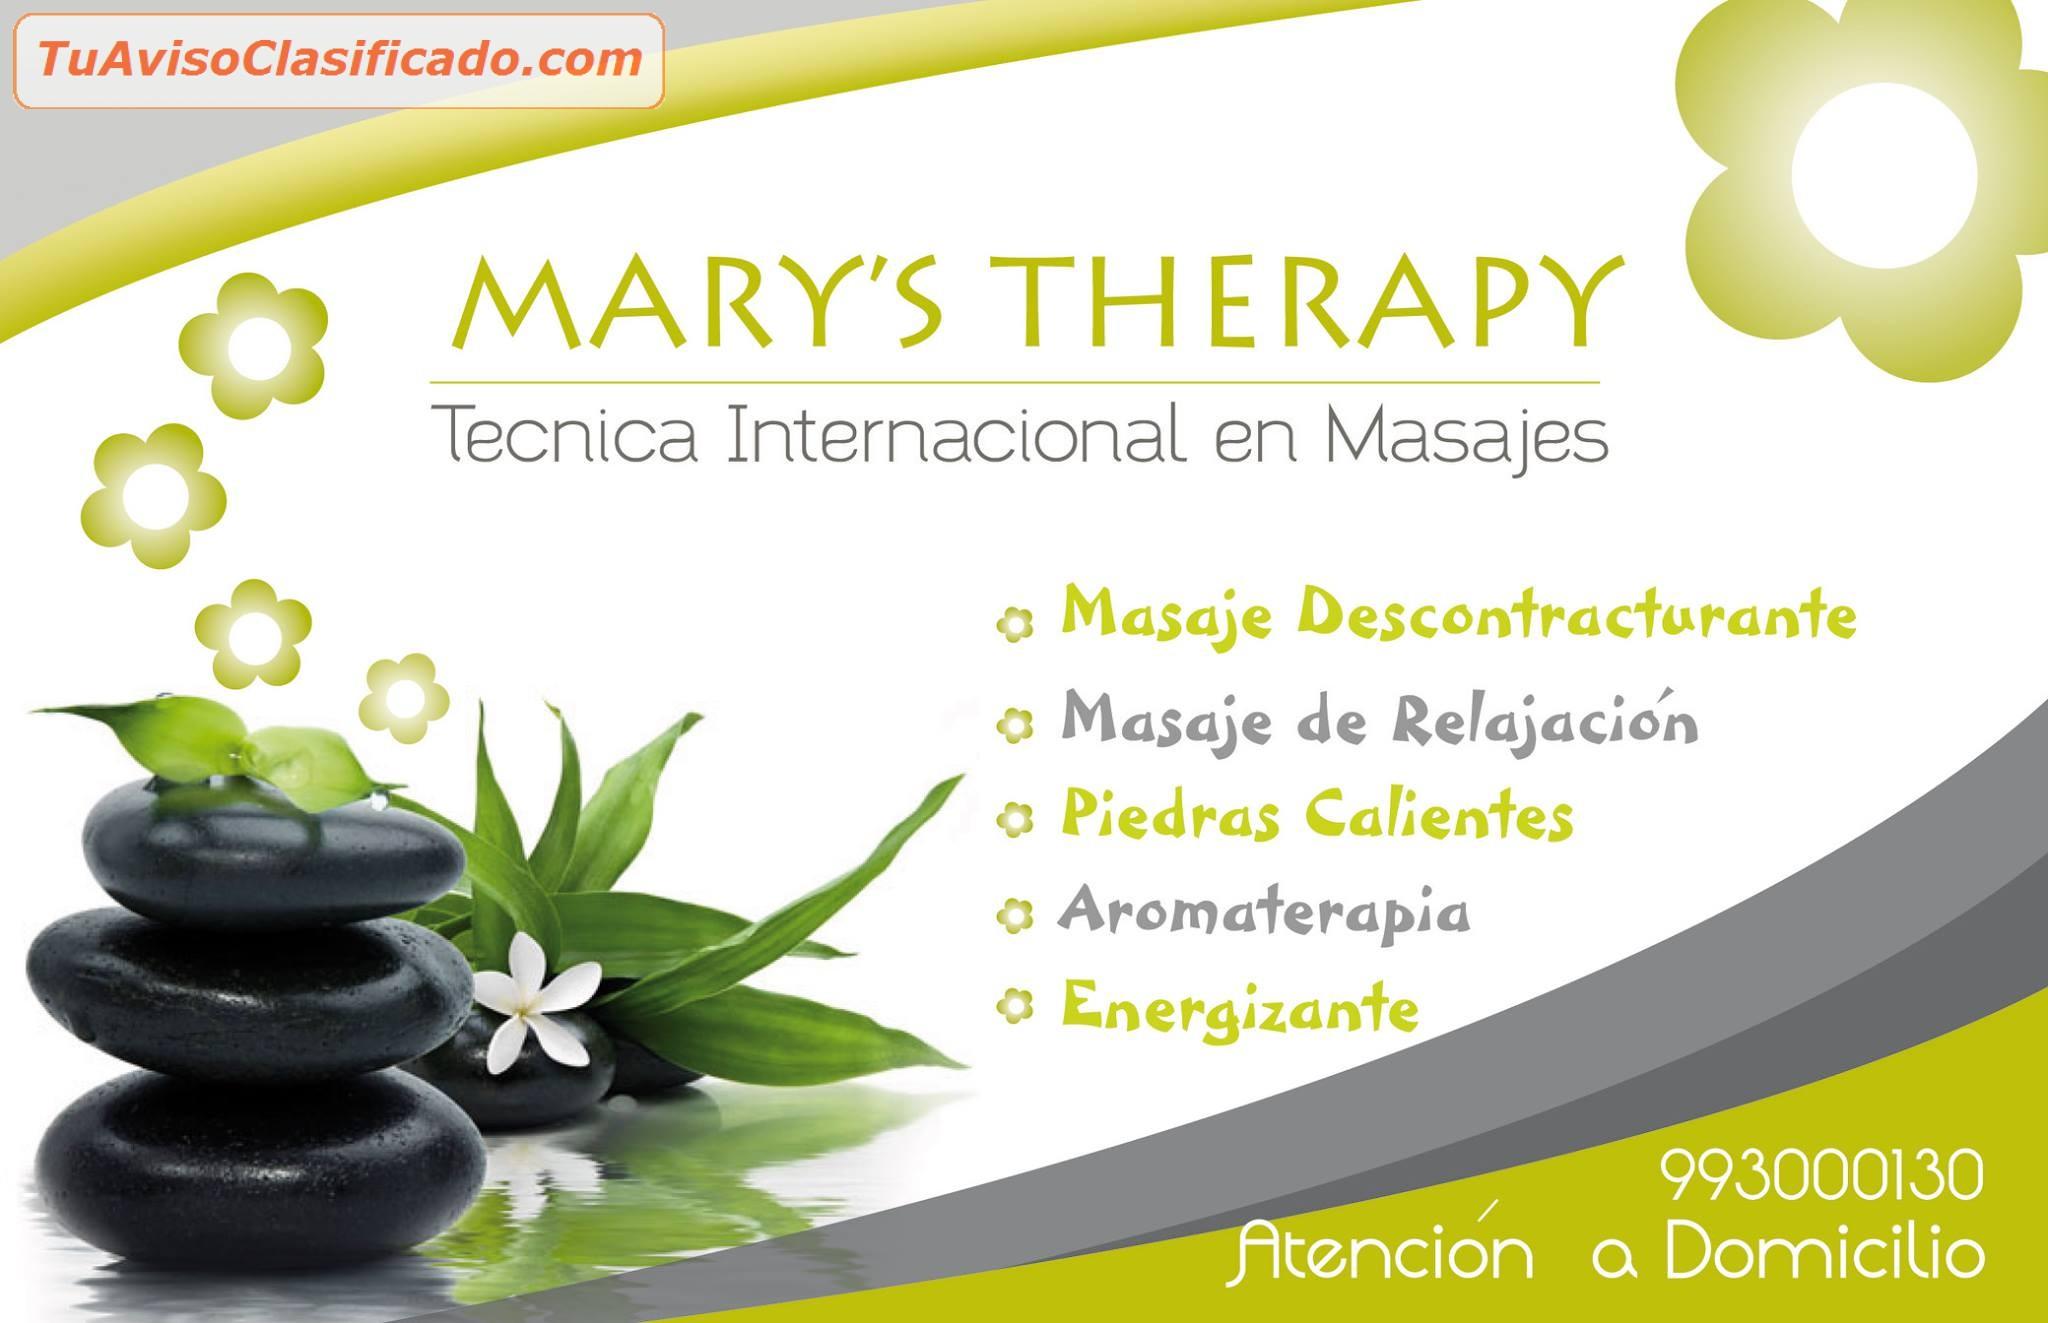 MASAJES DE RELAJACION - Servicios y Comercios > Salud y Belleza